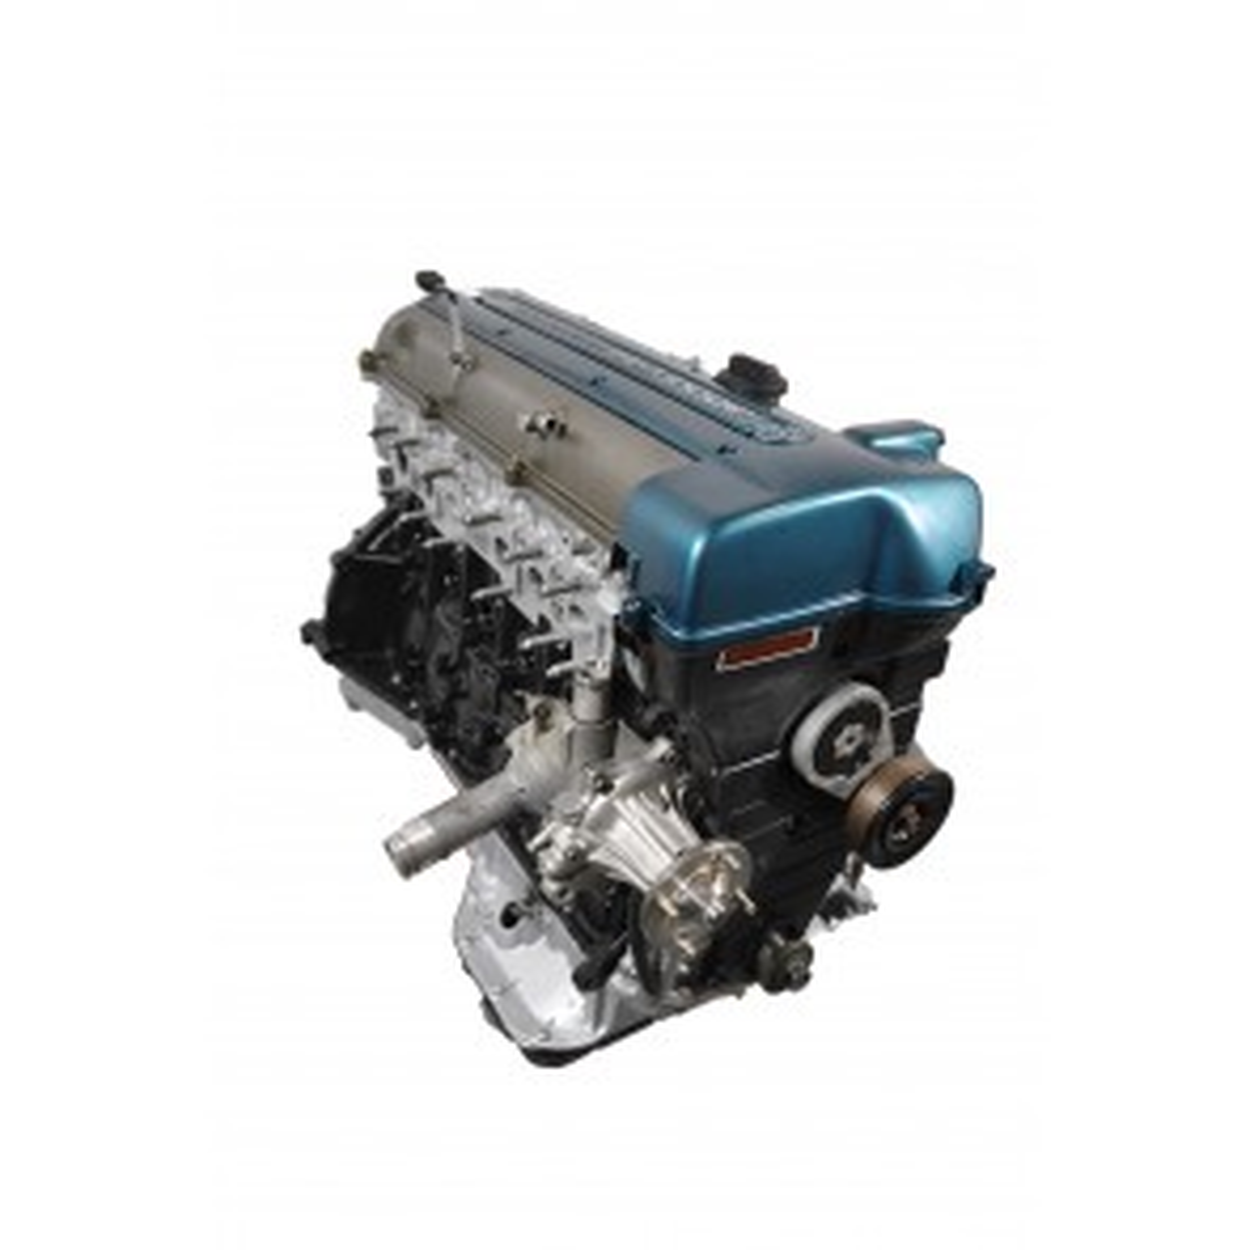 Rebuilt 2JZ-GTE Engine For Toyota Aristo V300